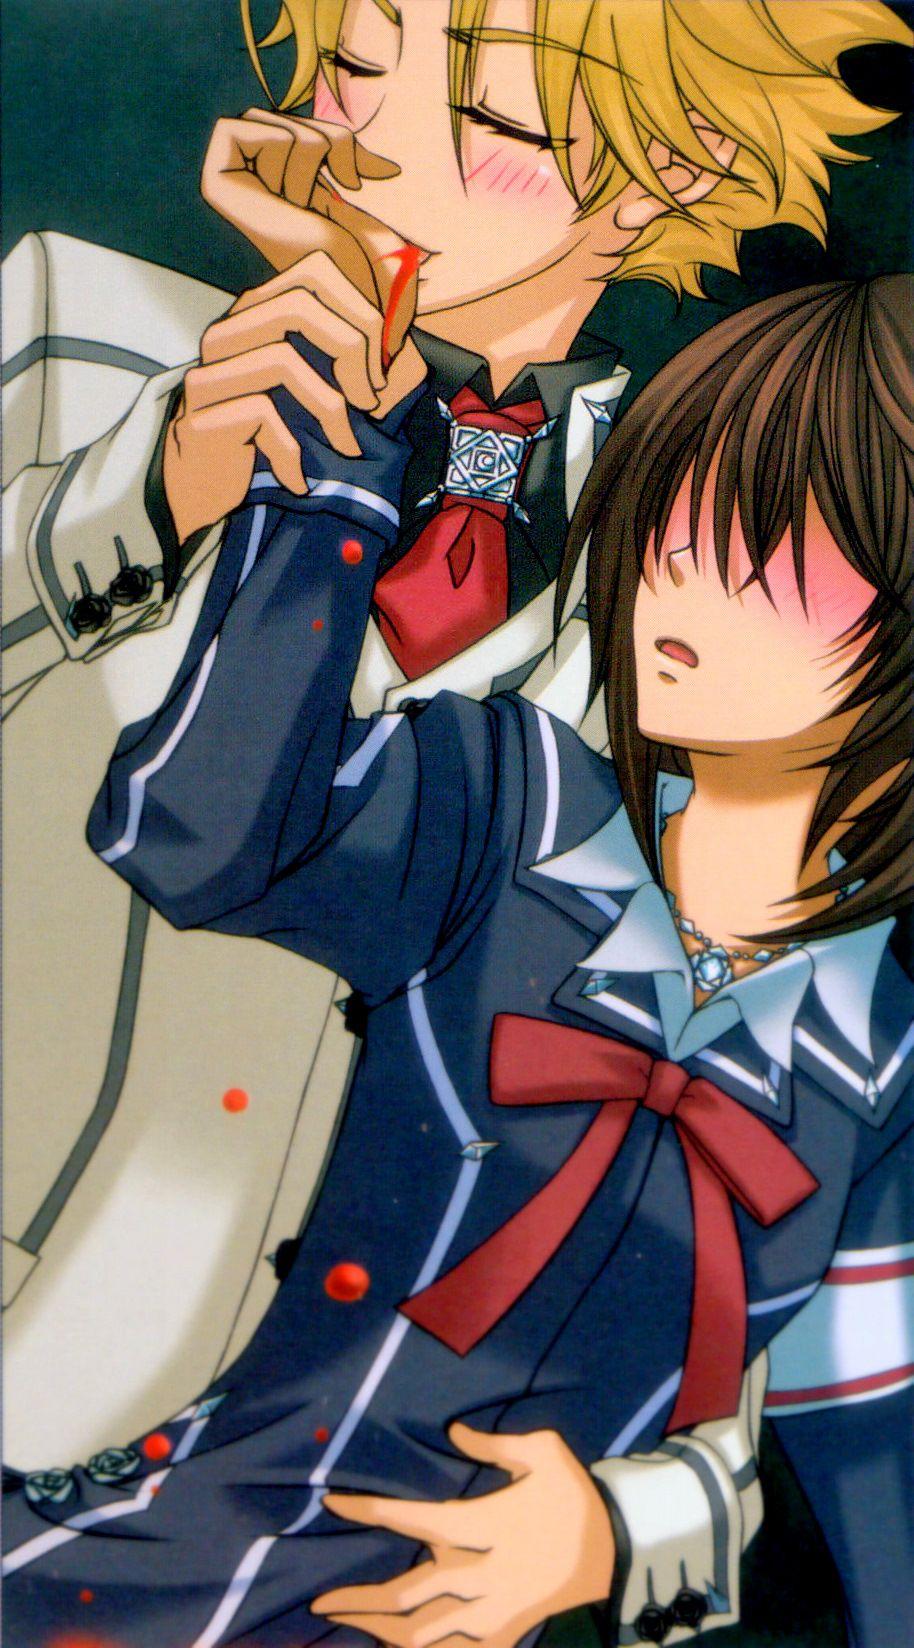 Aido+and+Yuki | Vampir...